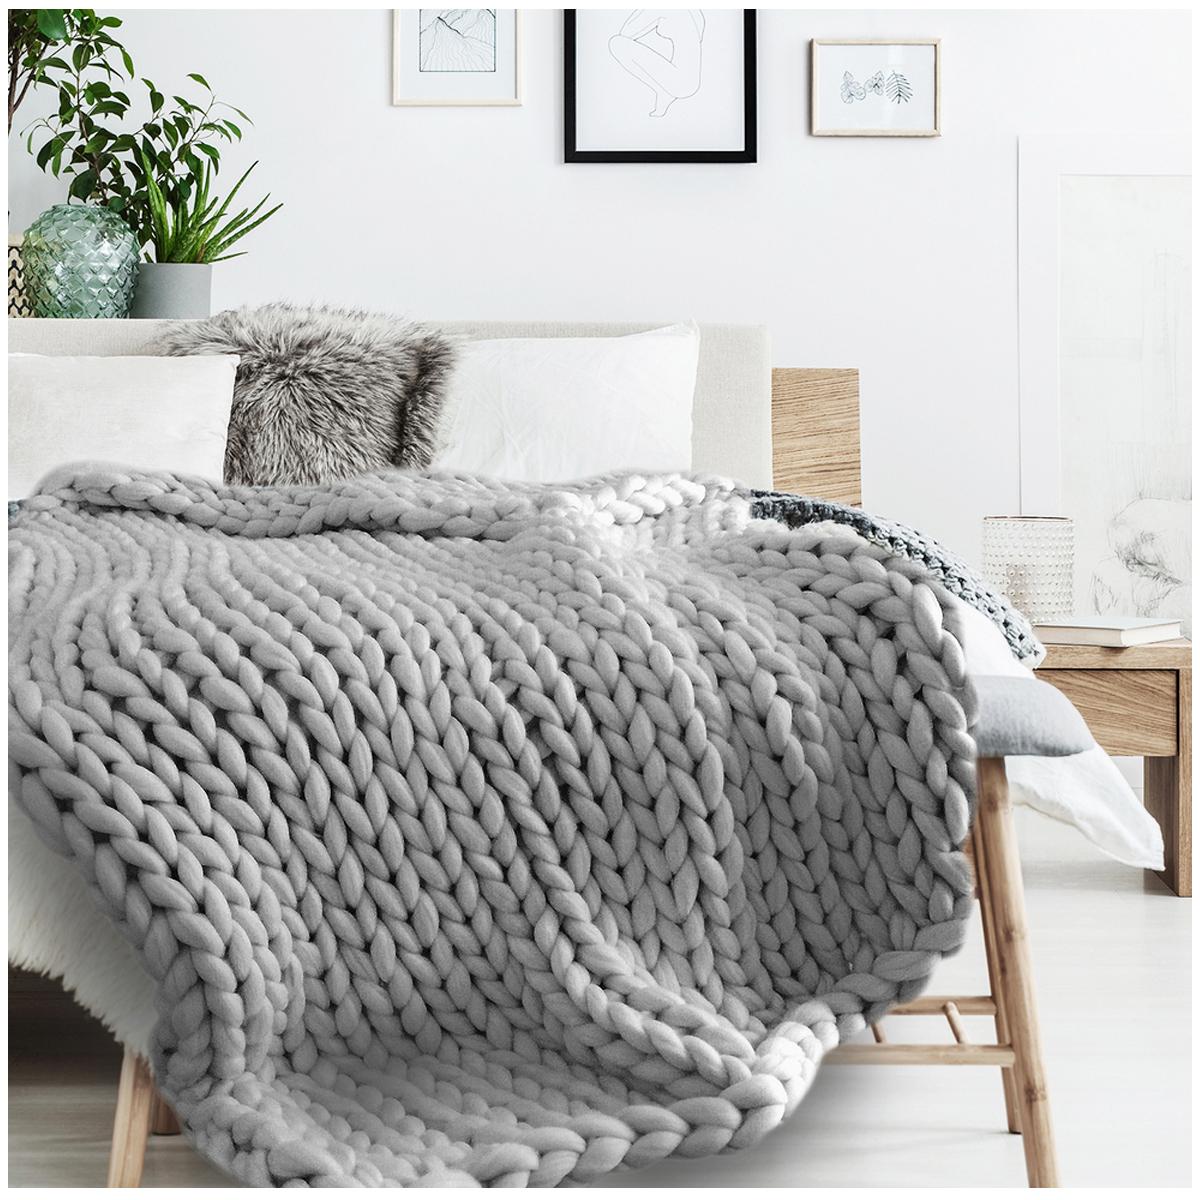 Plaid acrylique \'Chunky Knit\' gris (tricot) - 150x120 cm - [R0036]